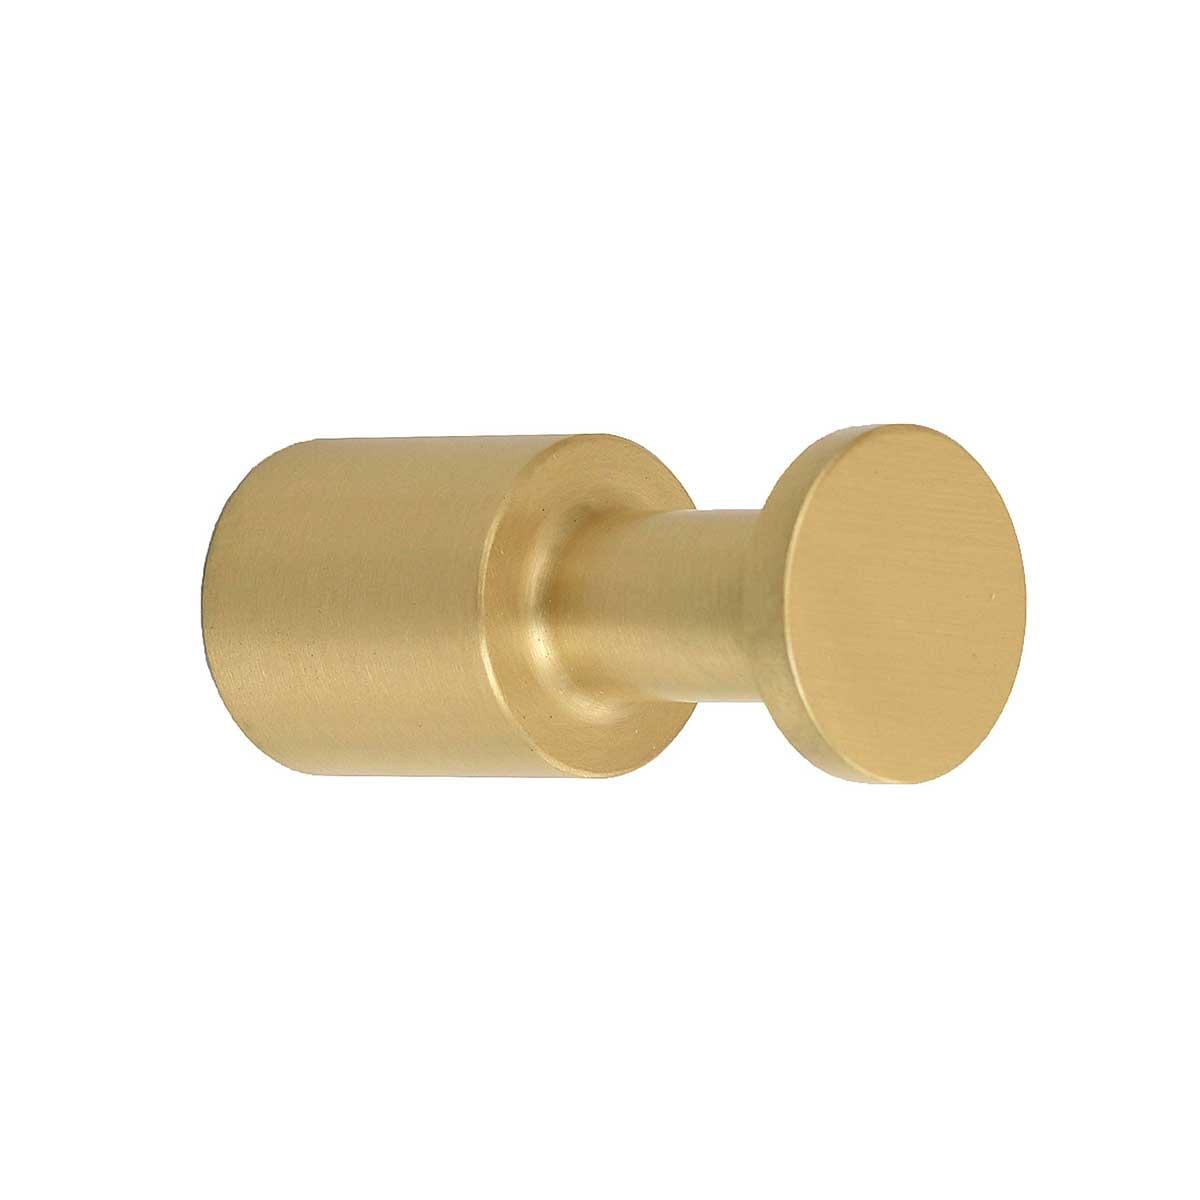 Κρεμαστράκι Τοίχου PamCo 10-023 Brushed Brass